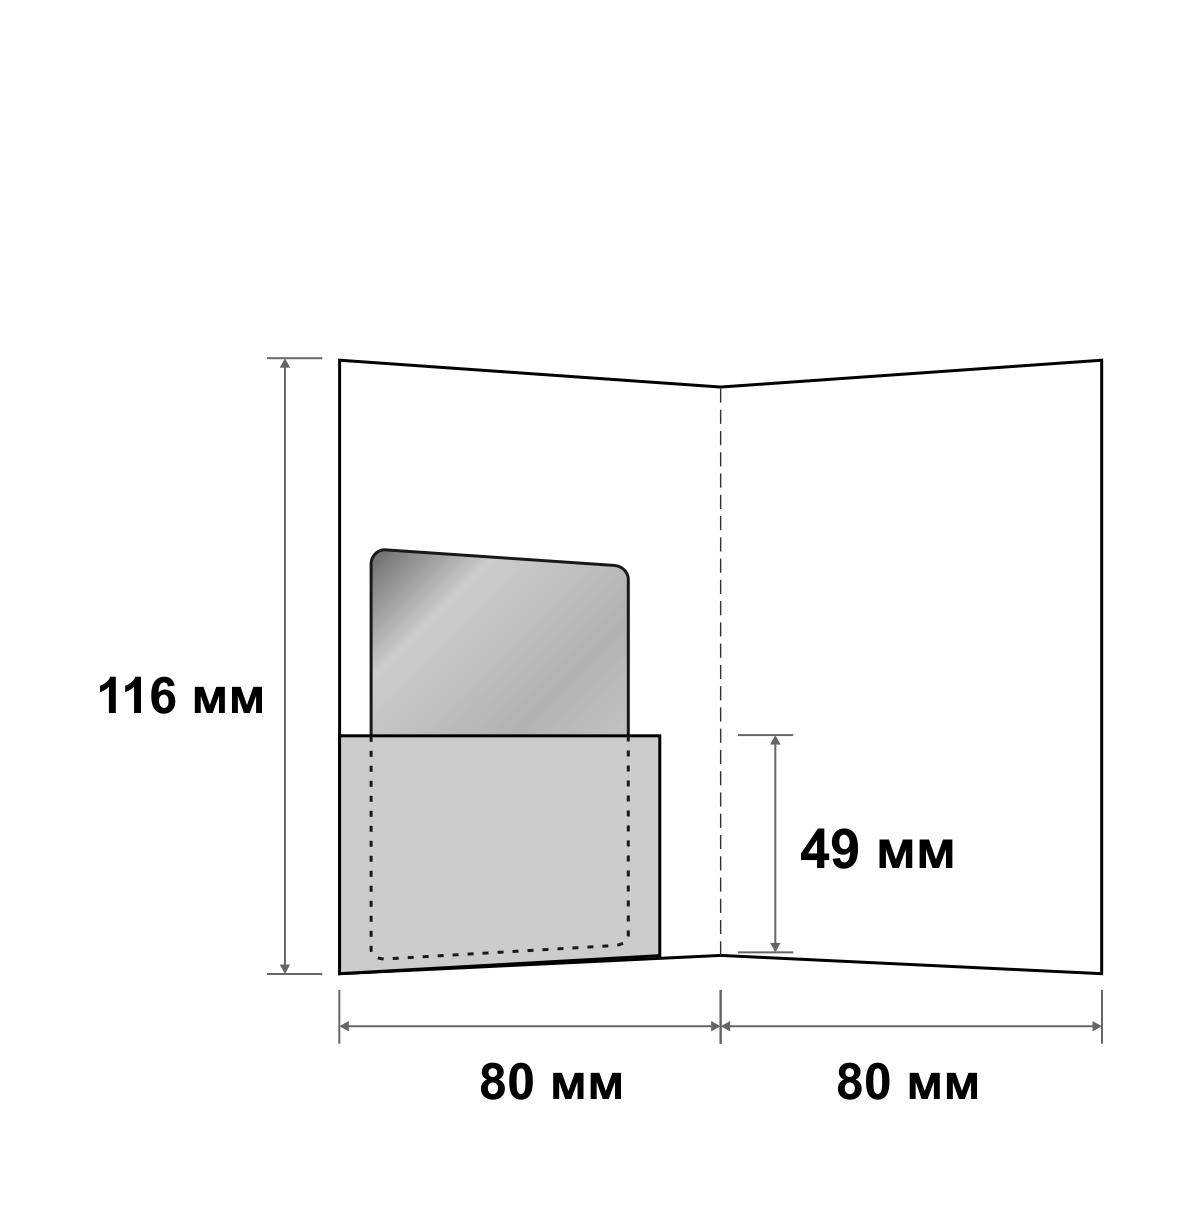 Картхолдер 80х116 мм с левым карманом для пластиковой карты